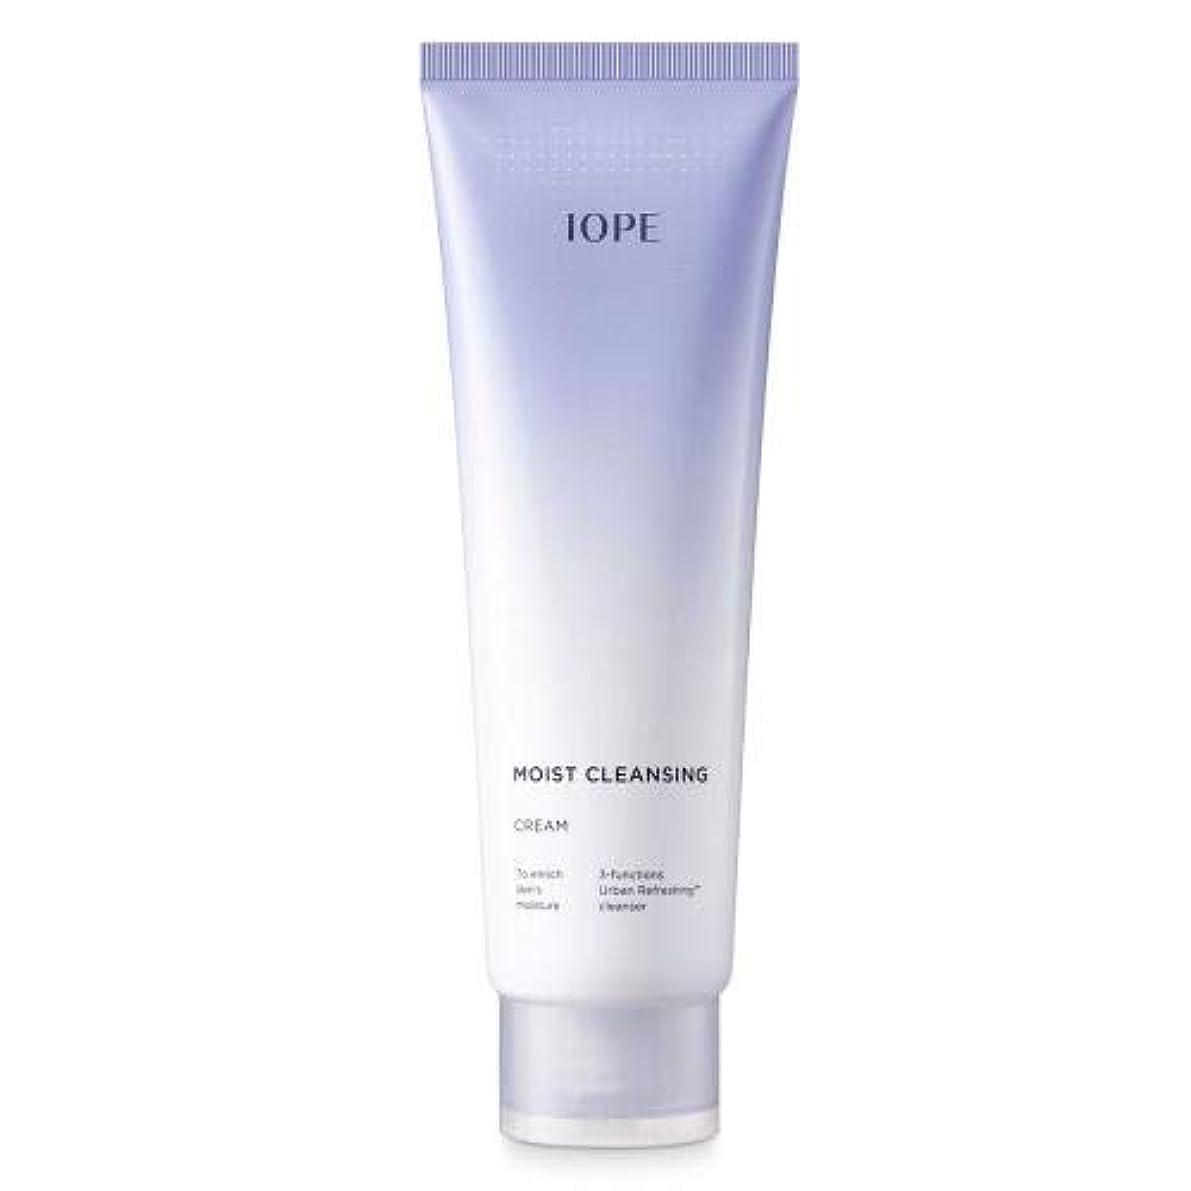 命題鎮痛剤原油アイオペ(IOPE) モイストクレンジング ホイッピングフォーム 洗顔 180ml